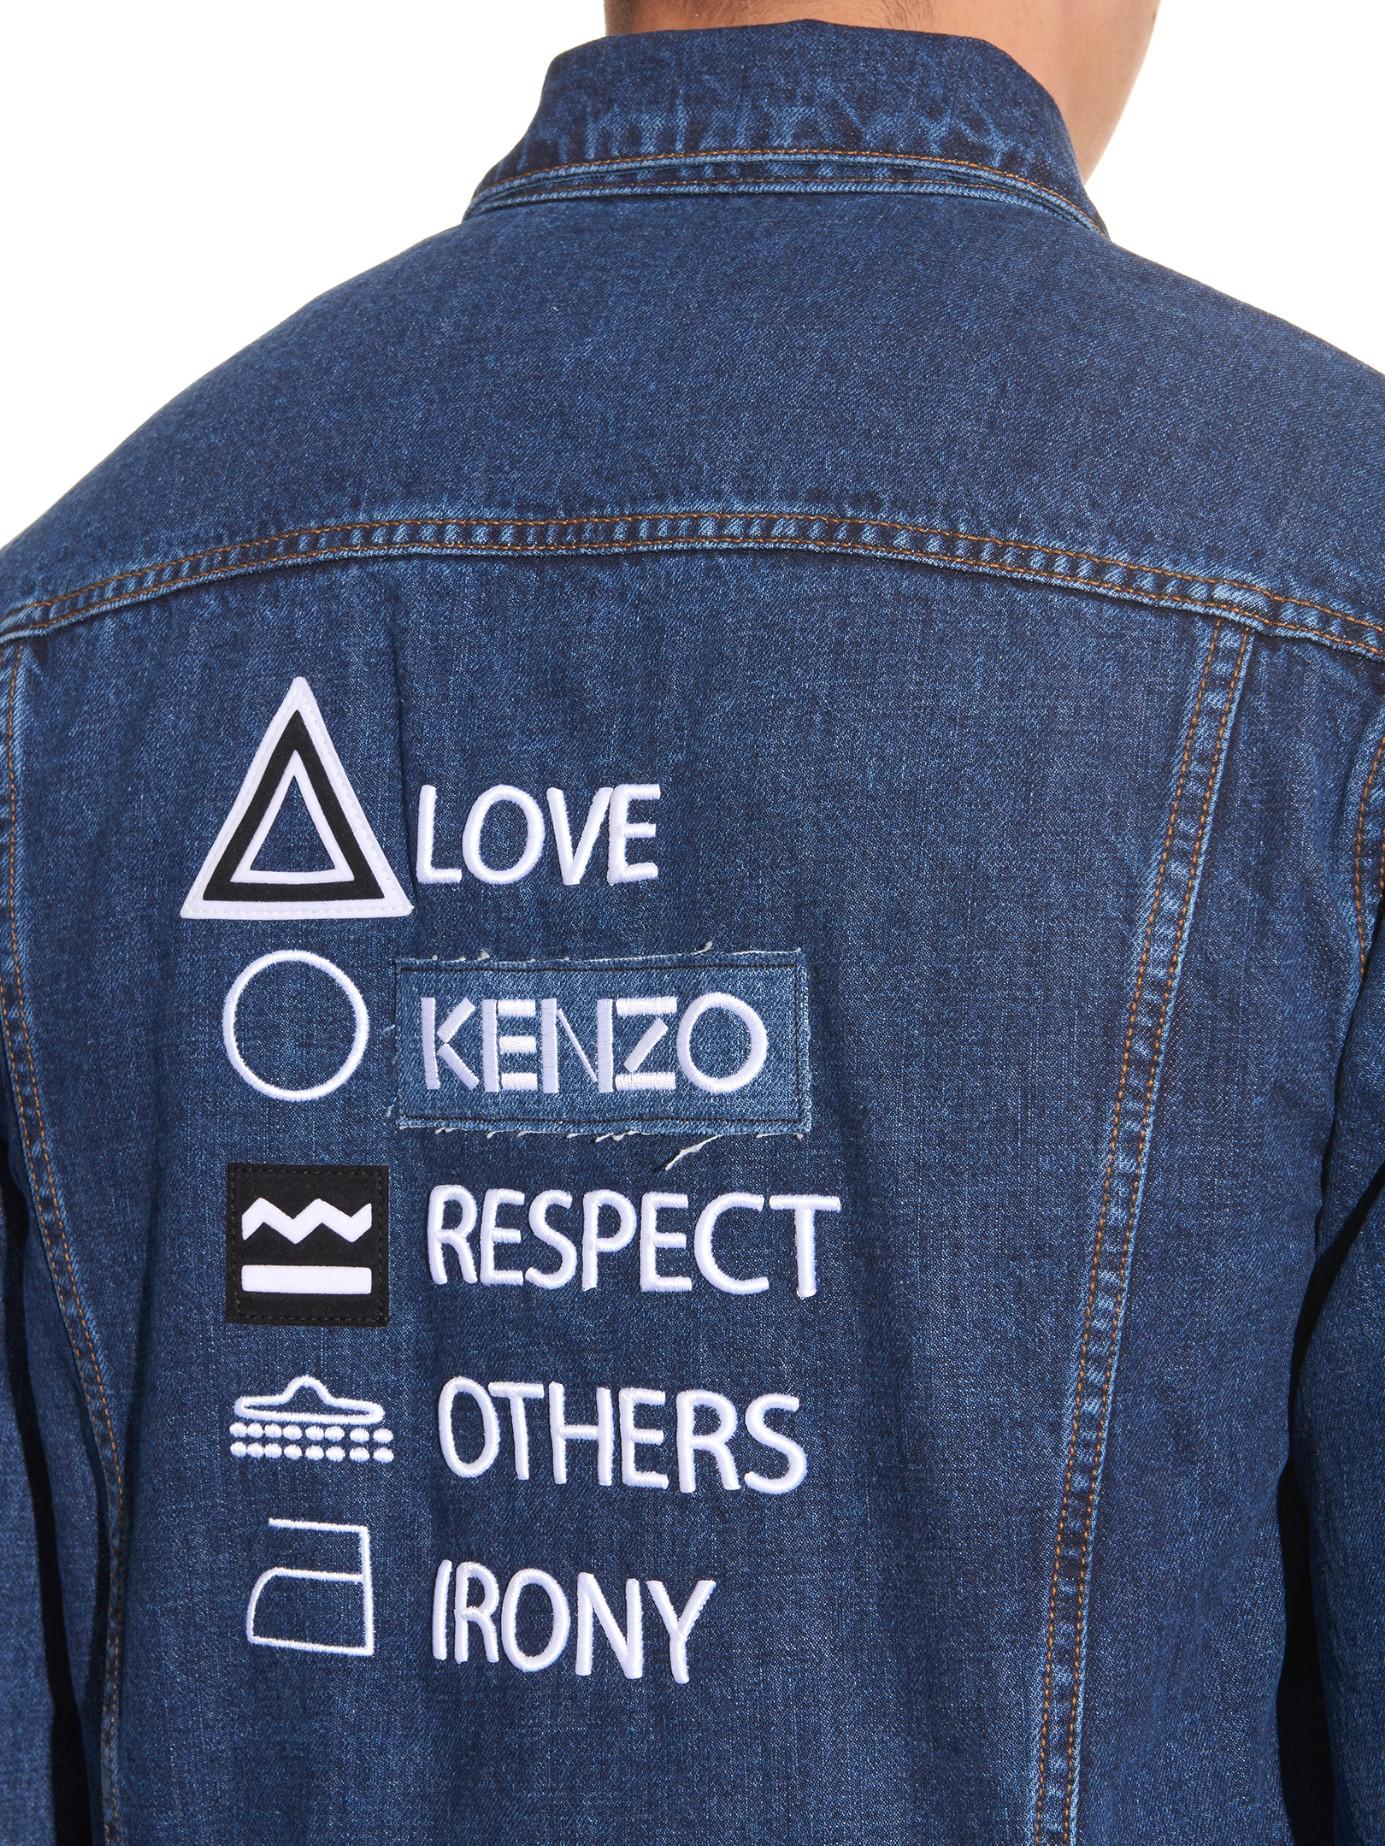 KENZO Embroidered-back Denim Jacket in Blue for Men